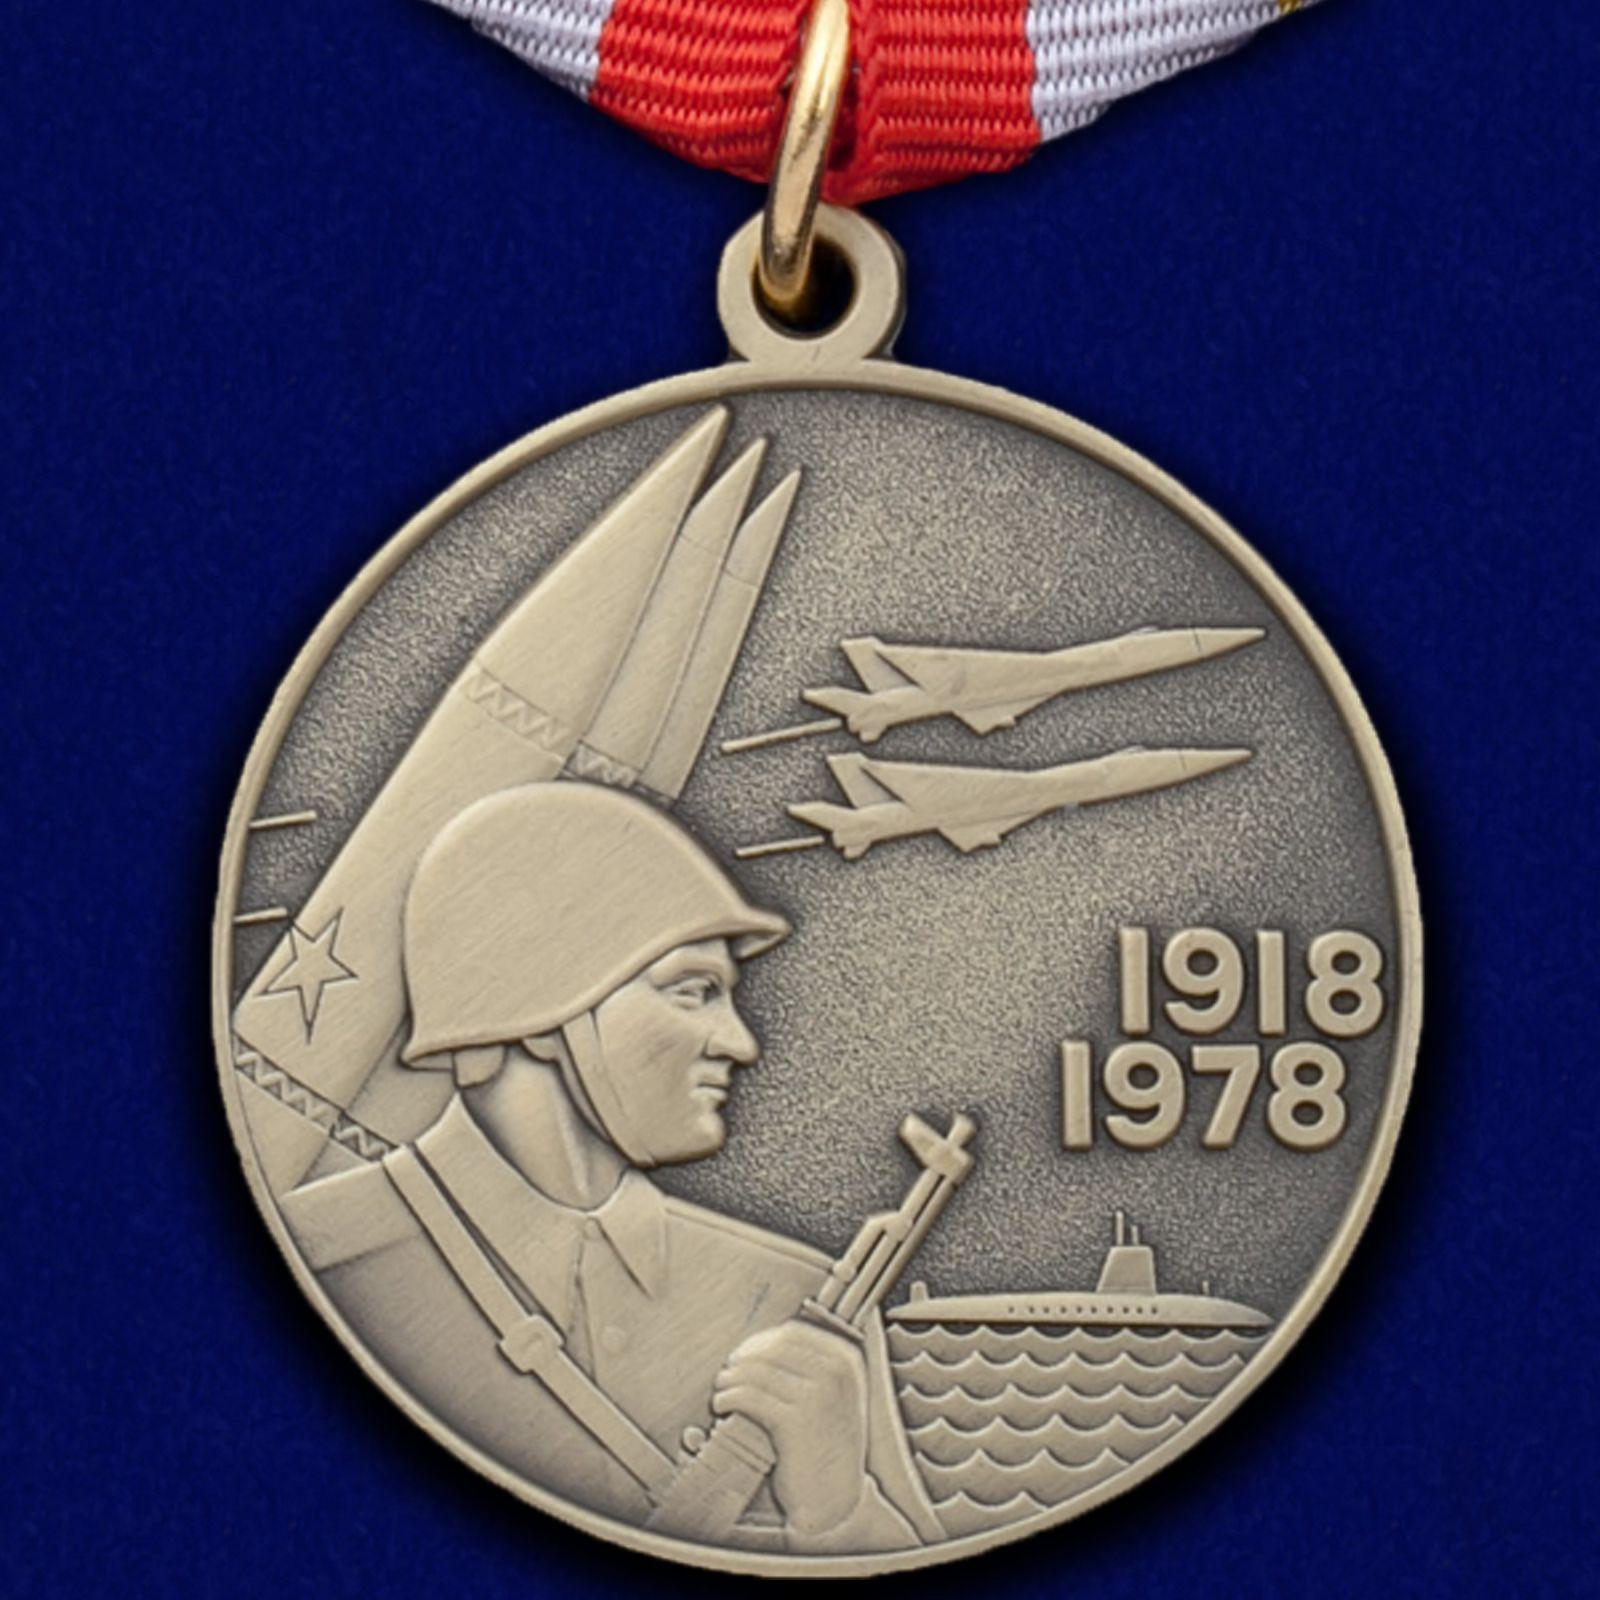 Аверс медали «60 лет ВС СССР»